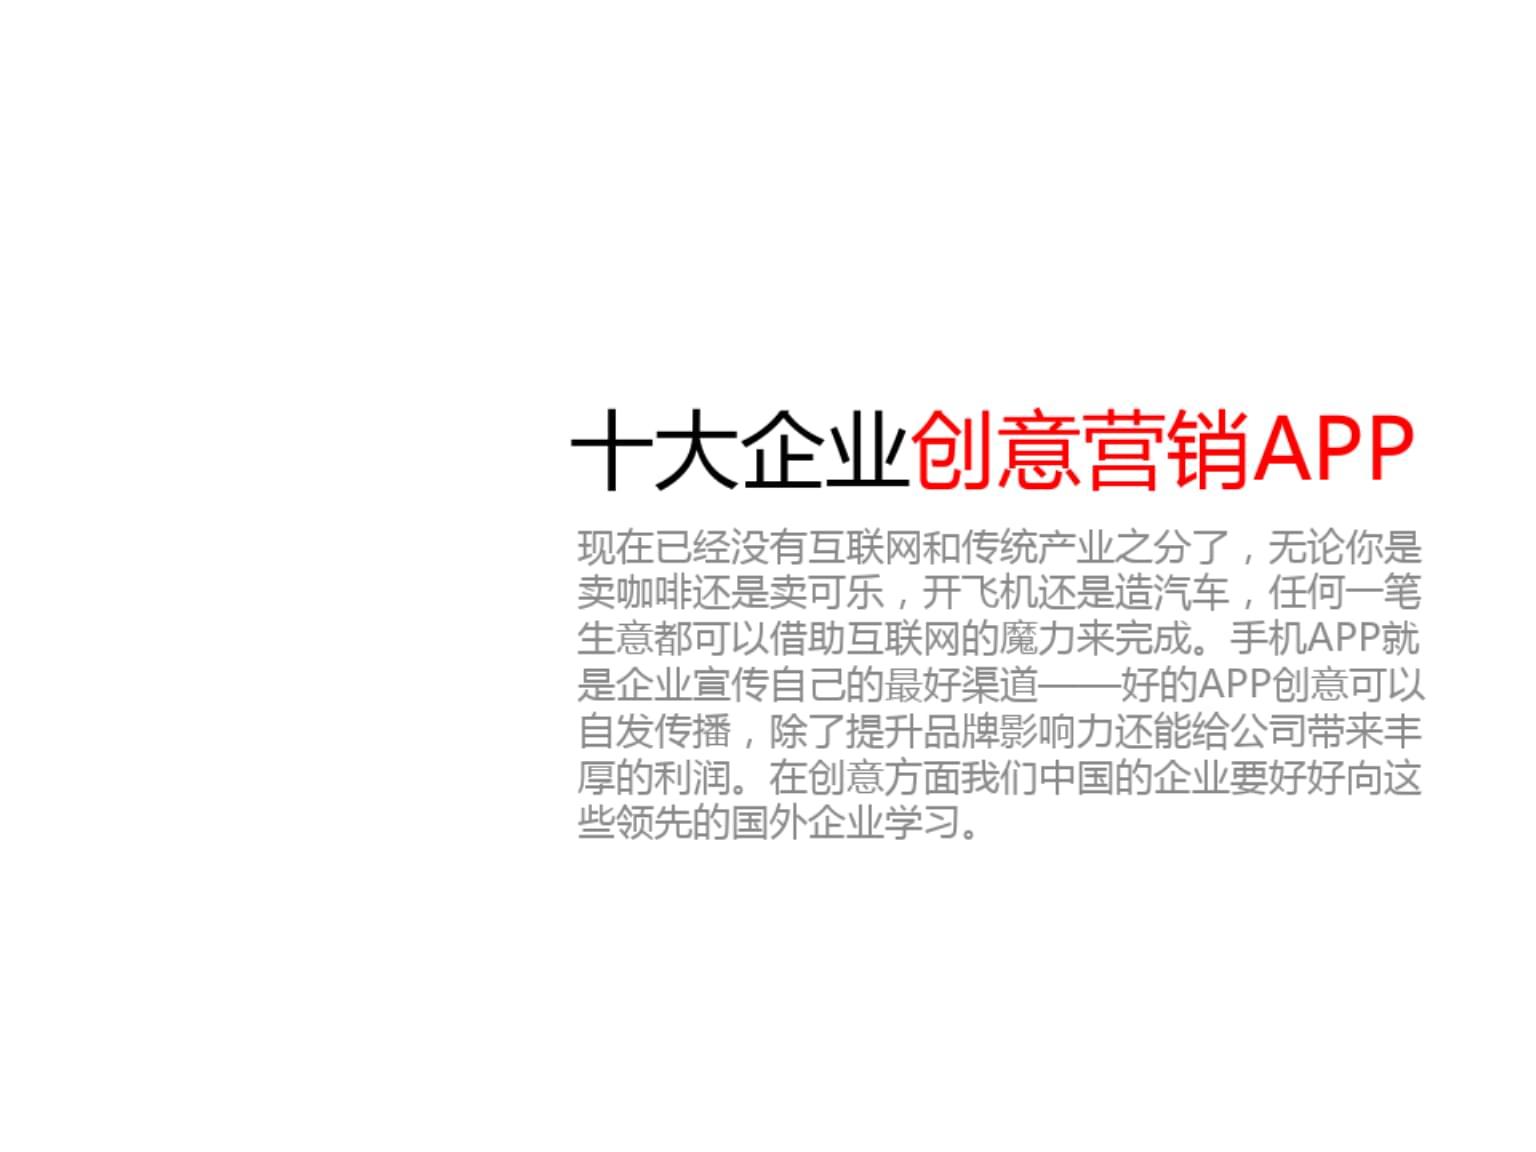 十大企业创意营销APP.ppt